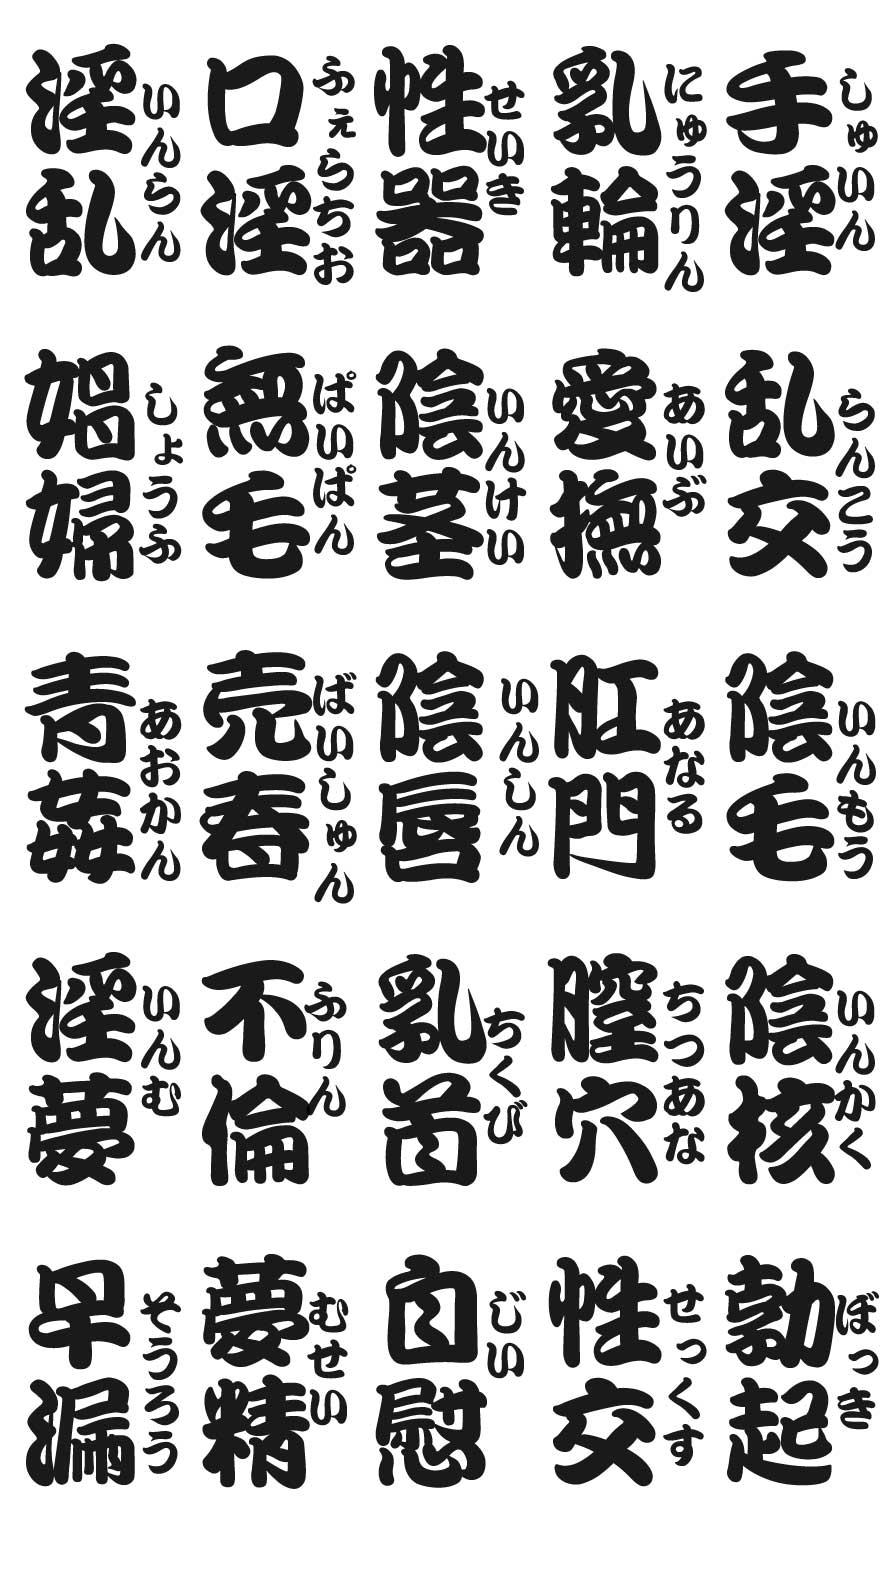 エロ注意 超恥ずかしいジョーク壁紙 魚漢字湯のみ風の隠語漢字の待ち